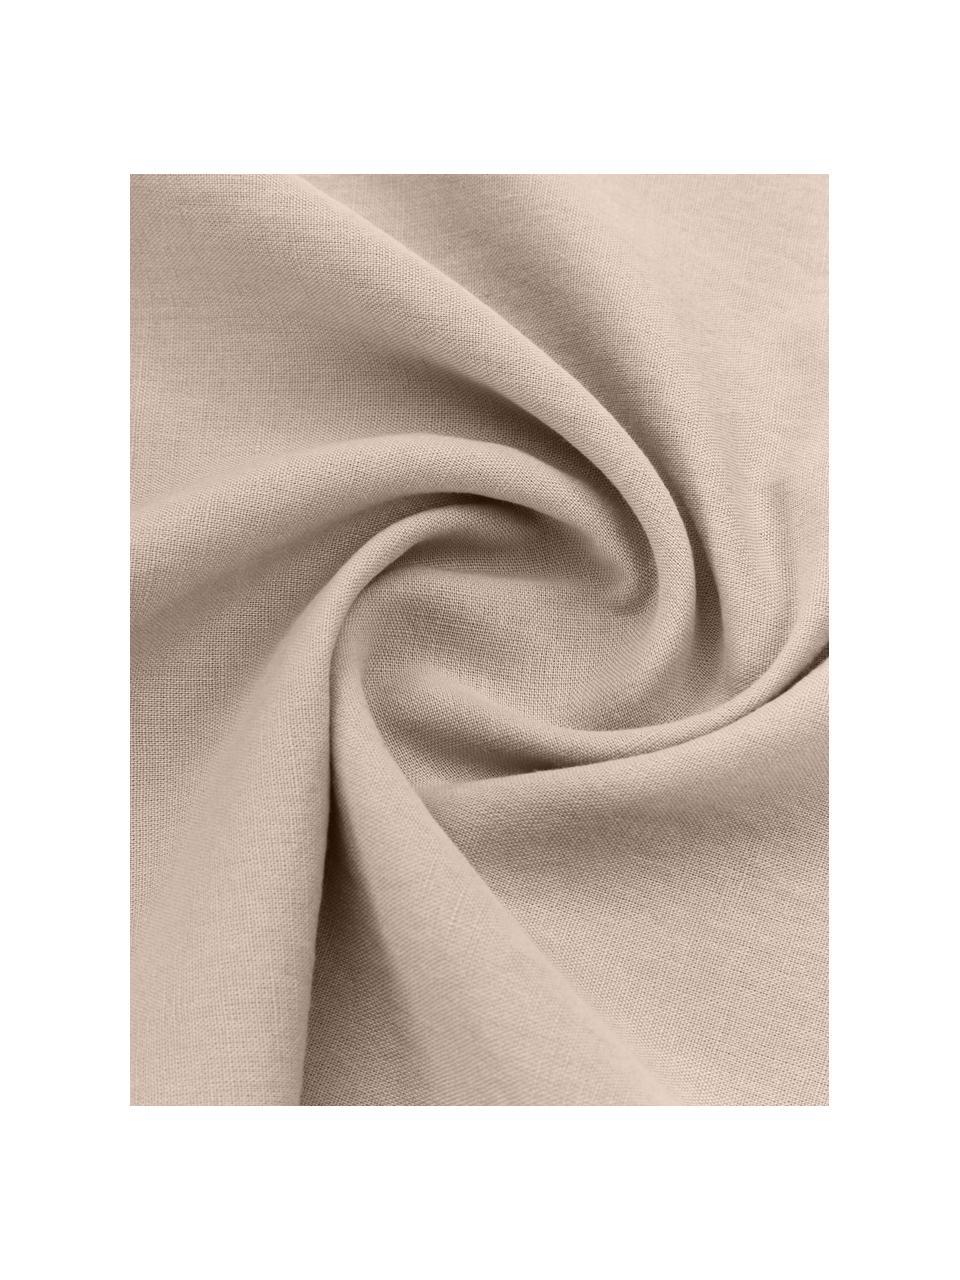 Pościel lniana z efektem sprania Nature, Beżowy, 240 x 220 cm + 2 poduszki 80 x 80 cm